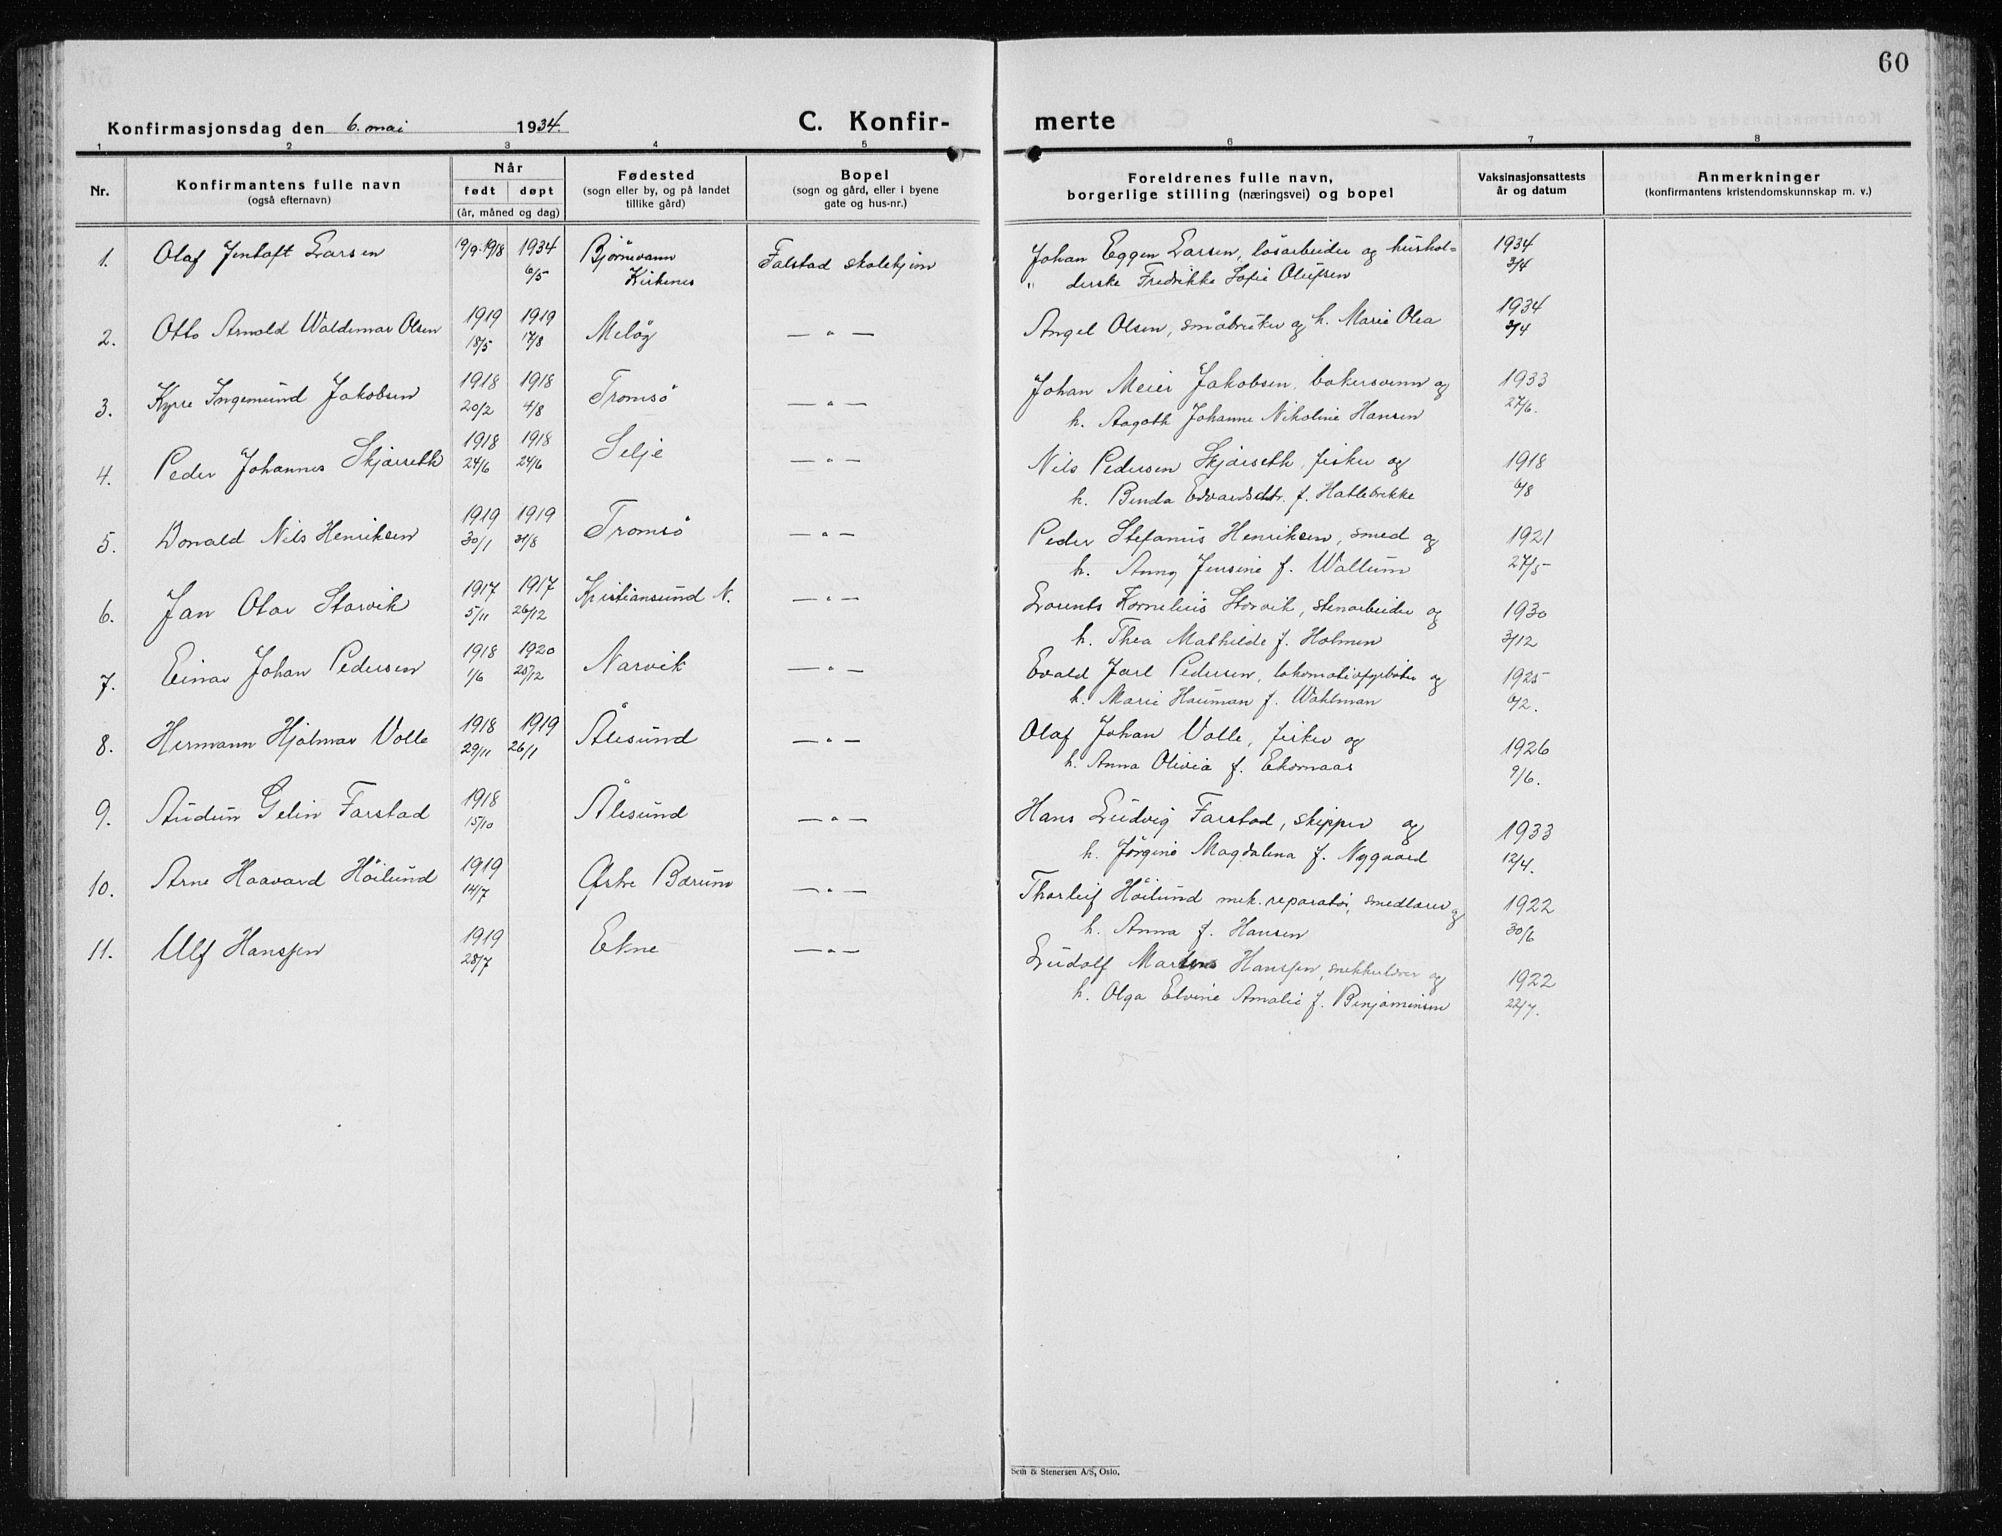 SAT, Ministerialprotokoller, klokkerbøker og fødselsregistre - Nord-Trøndelag, 719/L0180: Klokkerbok nr. 719C01, 1878-1940, s. 60